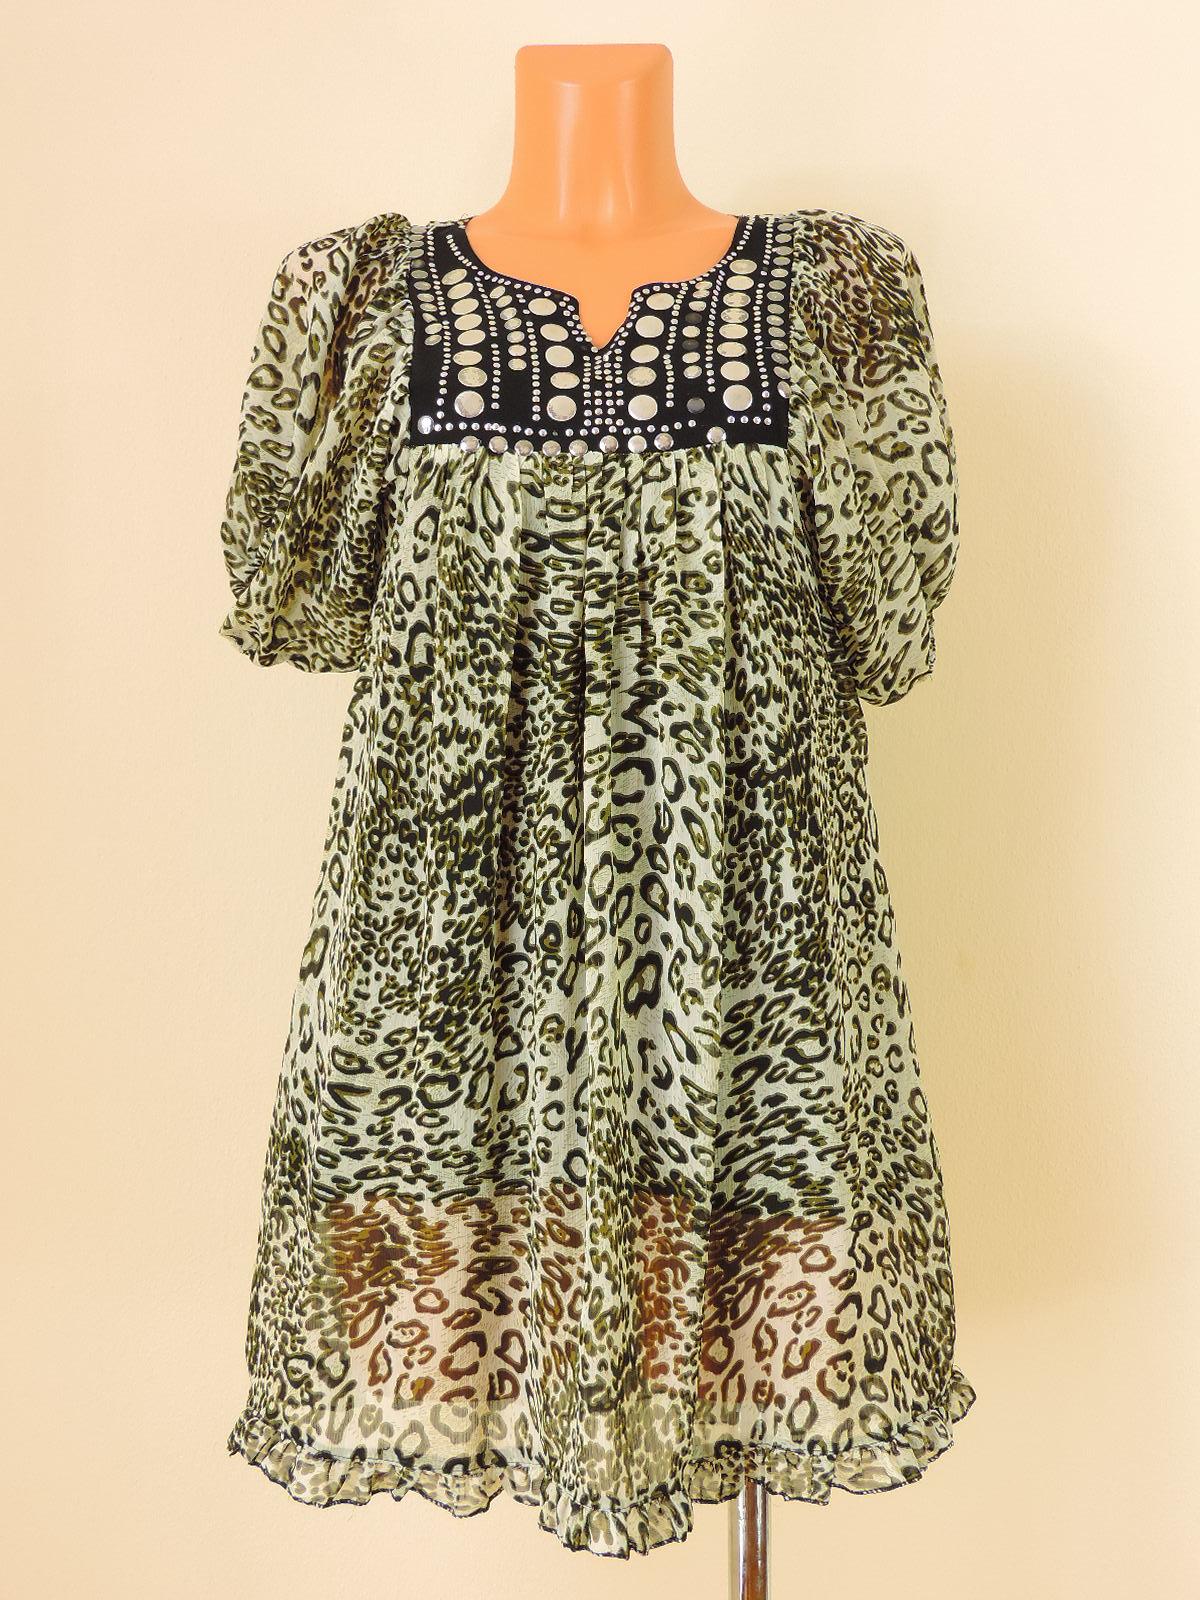 775a13ecf6dd Šaty se stříbrnými puntíky - Second hand online - Fashion Princess Kate